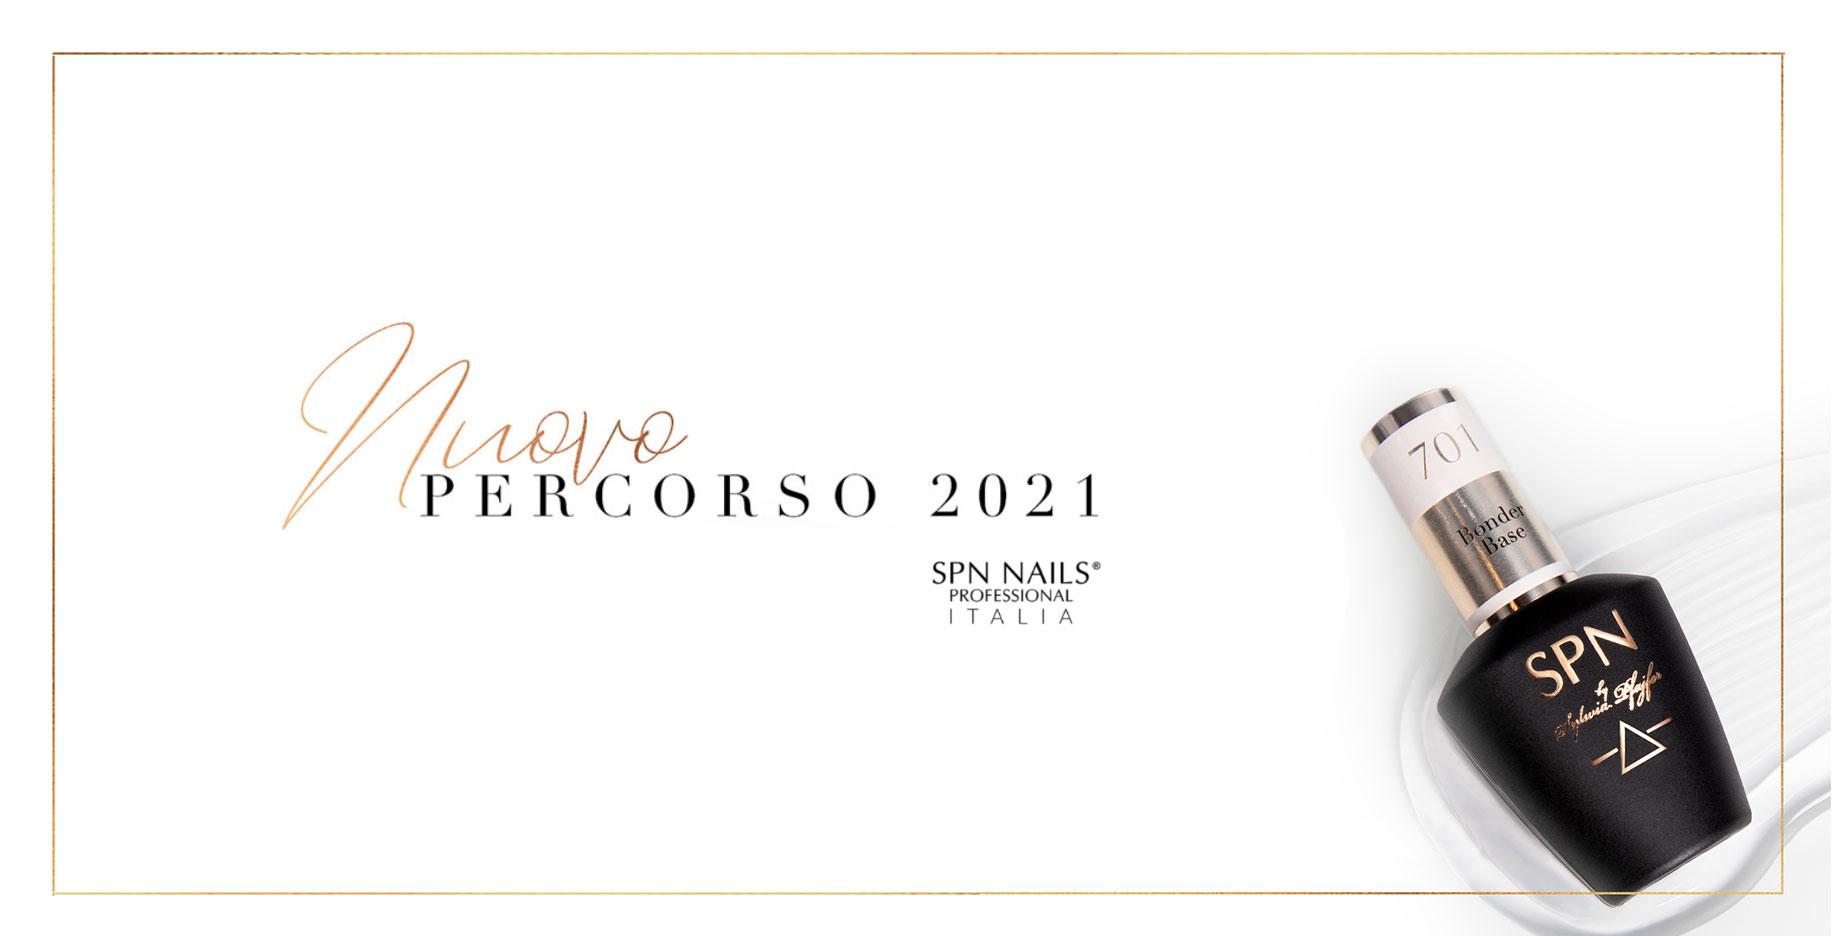 nuovo-percorso-formativo-spn-elegantnails-corsi-formazione-nail-art